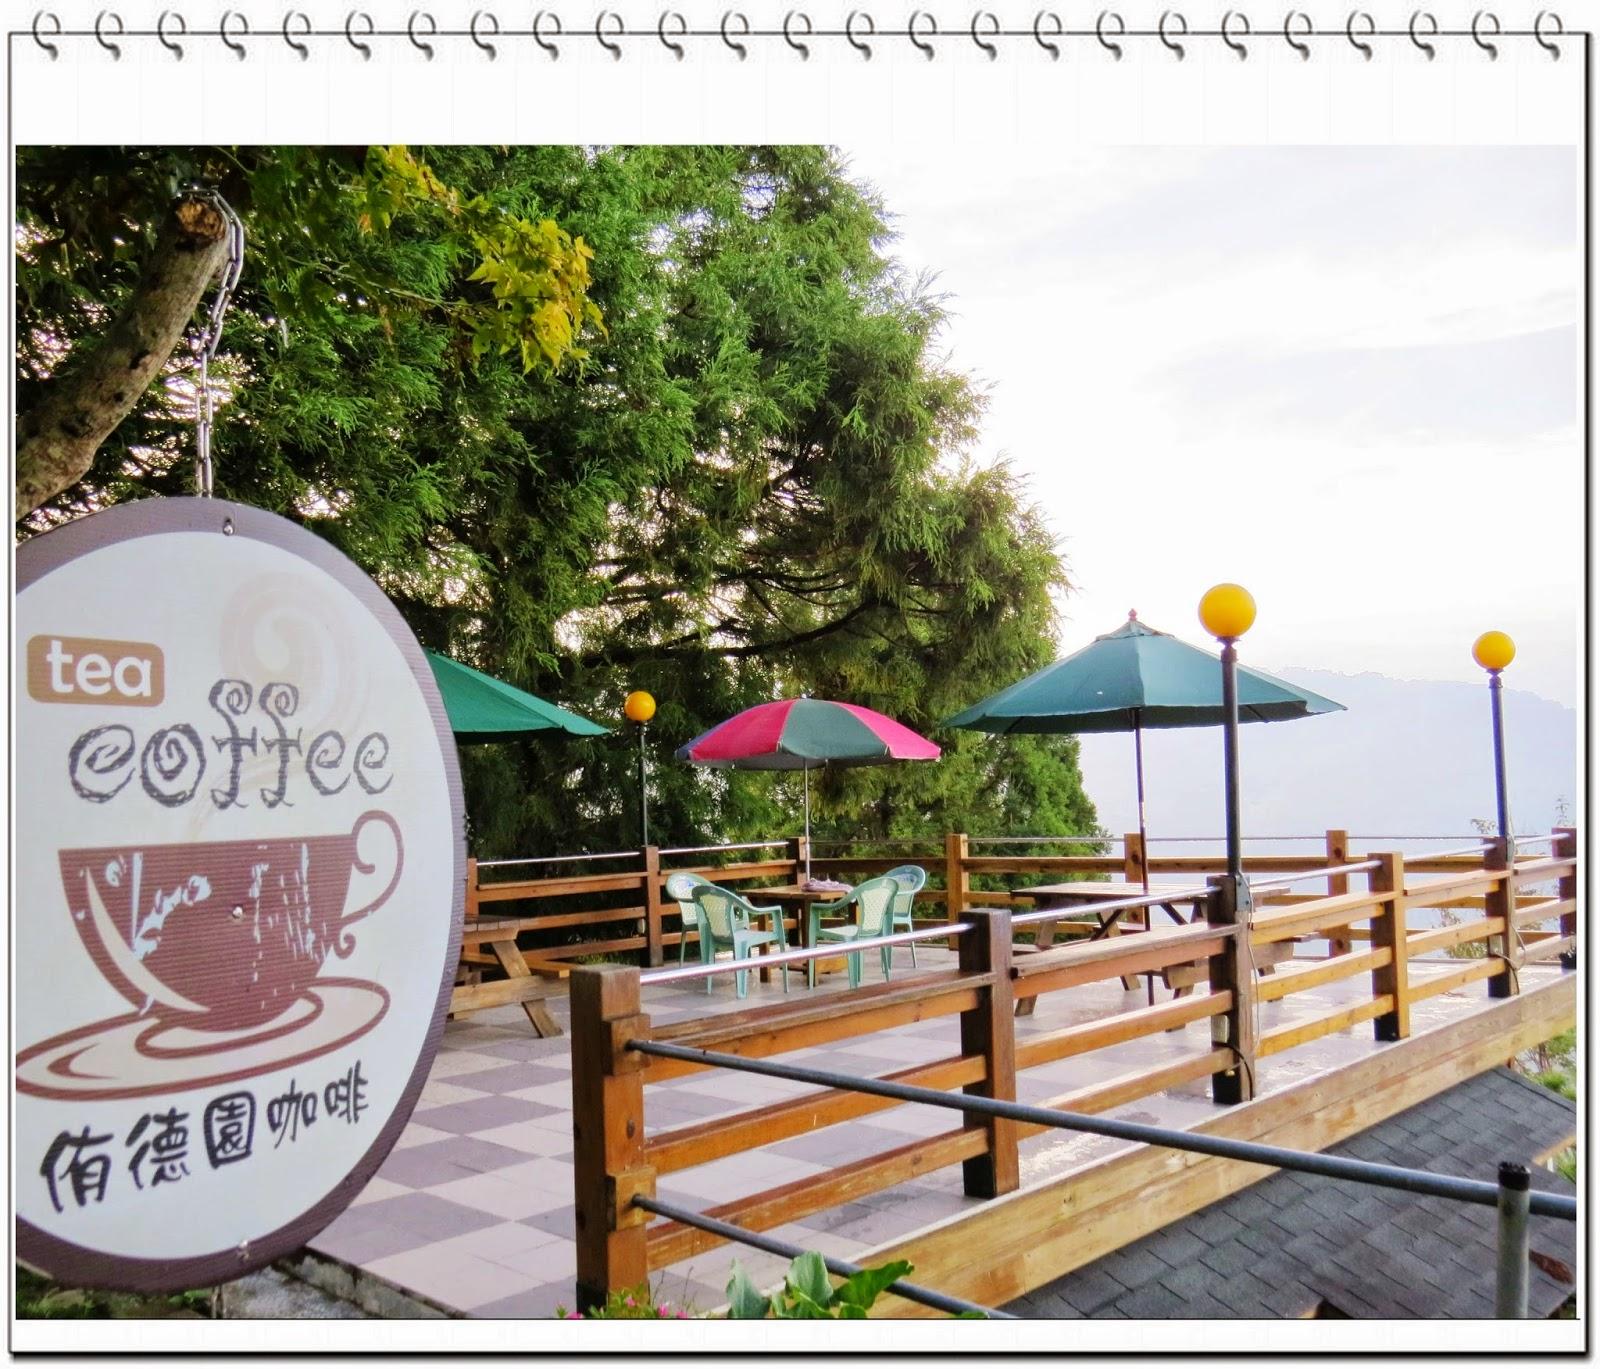 lifebaby-home: 2014-09-11(第三天之一)上巴陵侑德園民宿